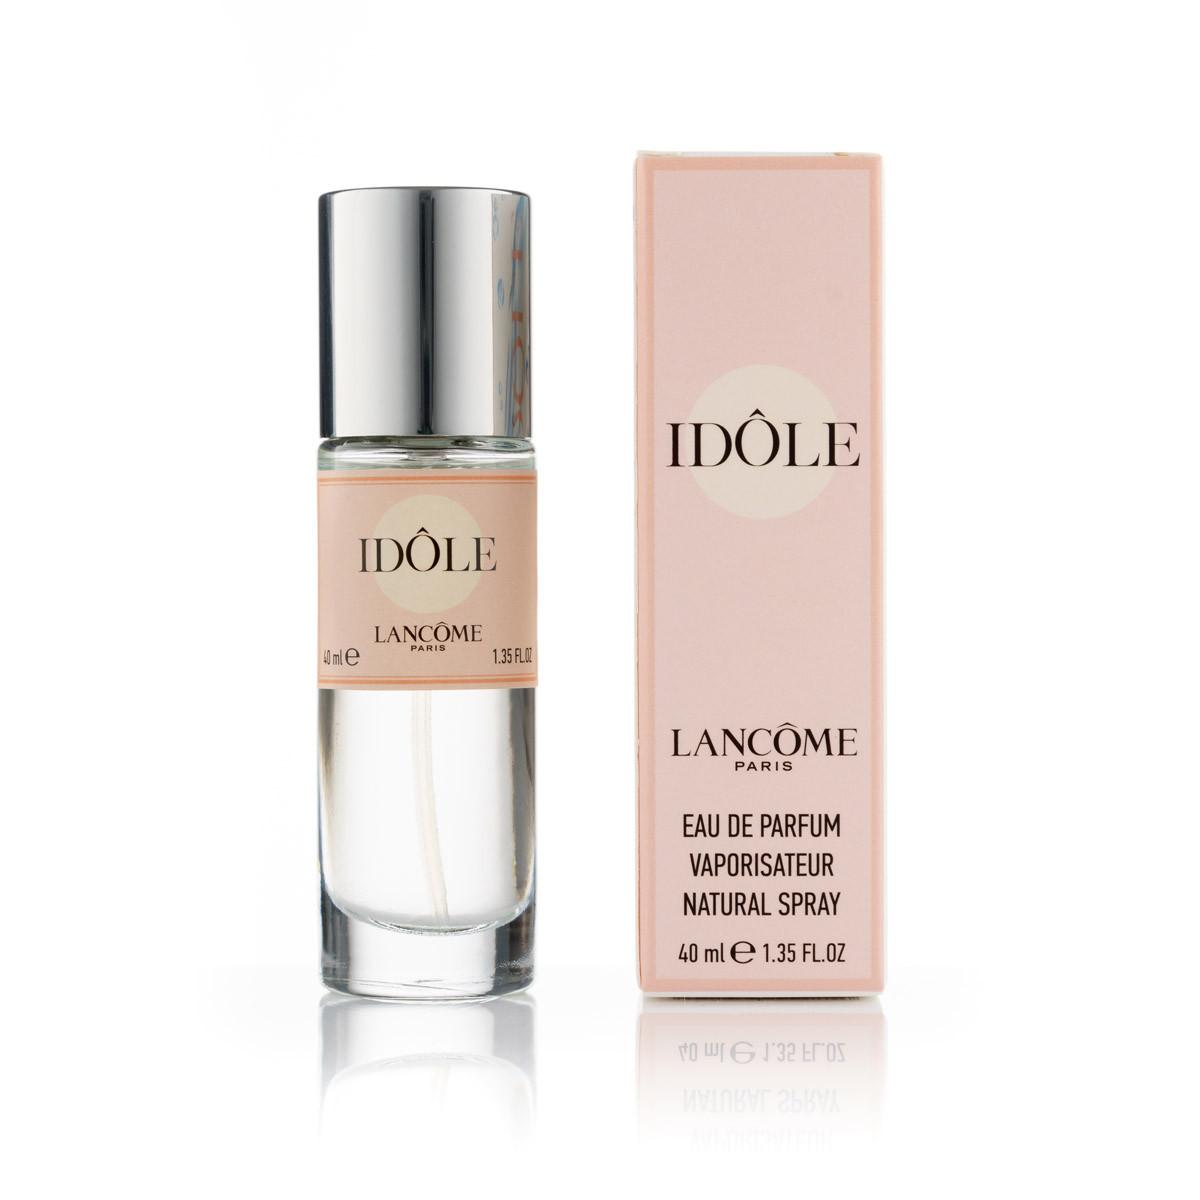 40 мл мини парфюм Lancome Idole - Ж (320)